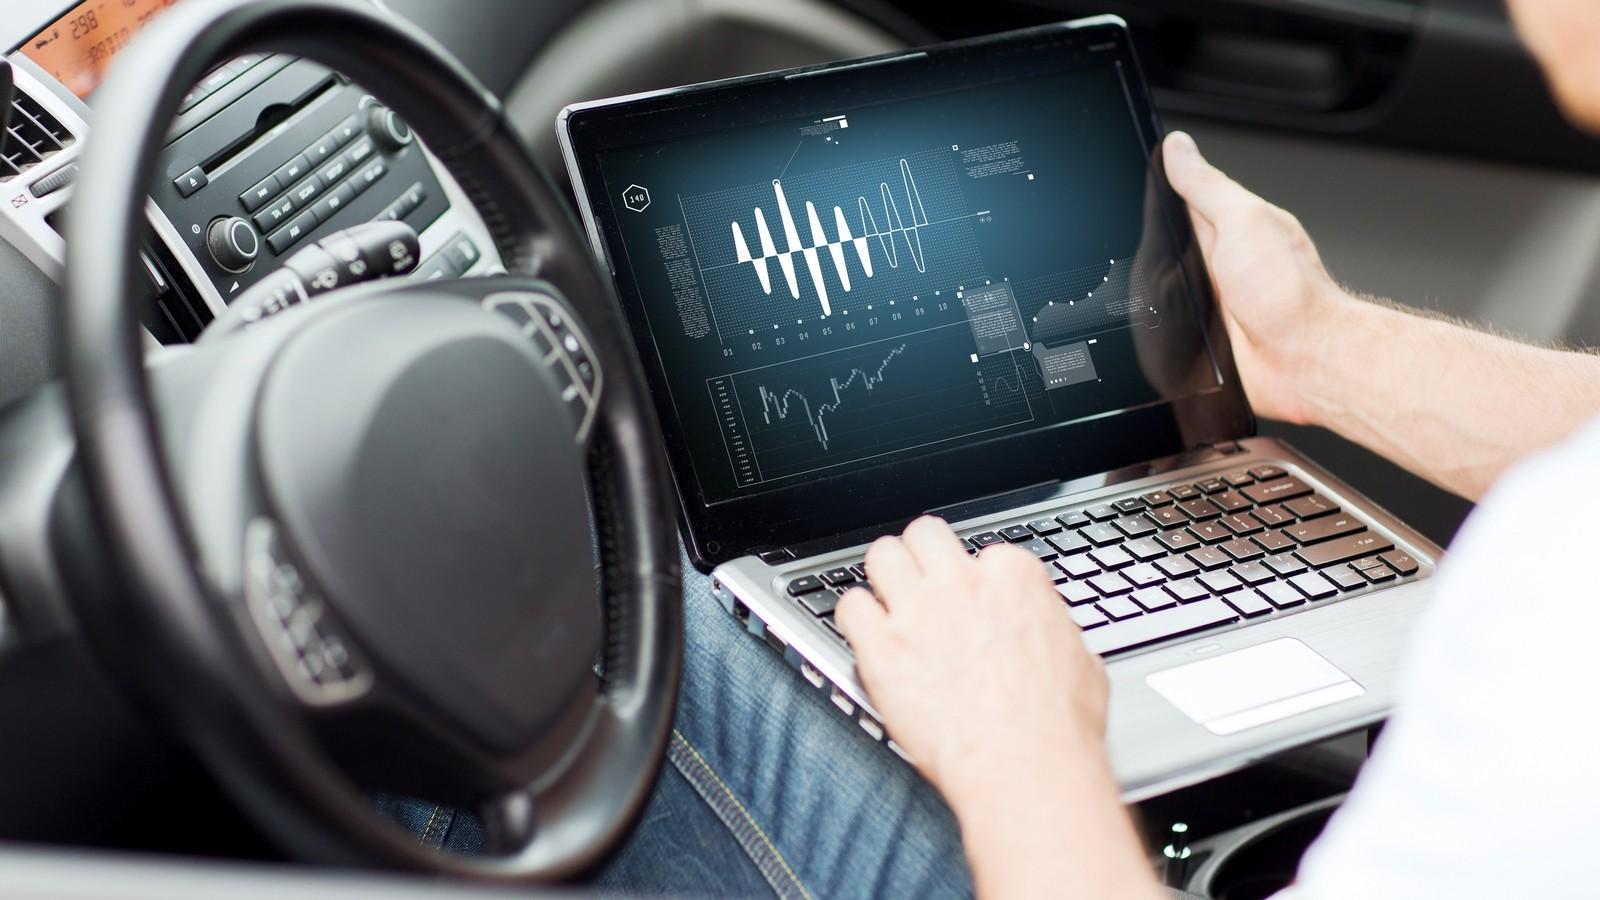 man using laptop computer in car